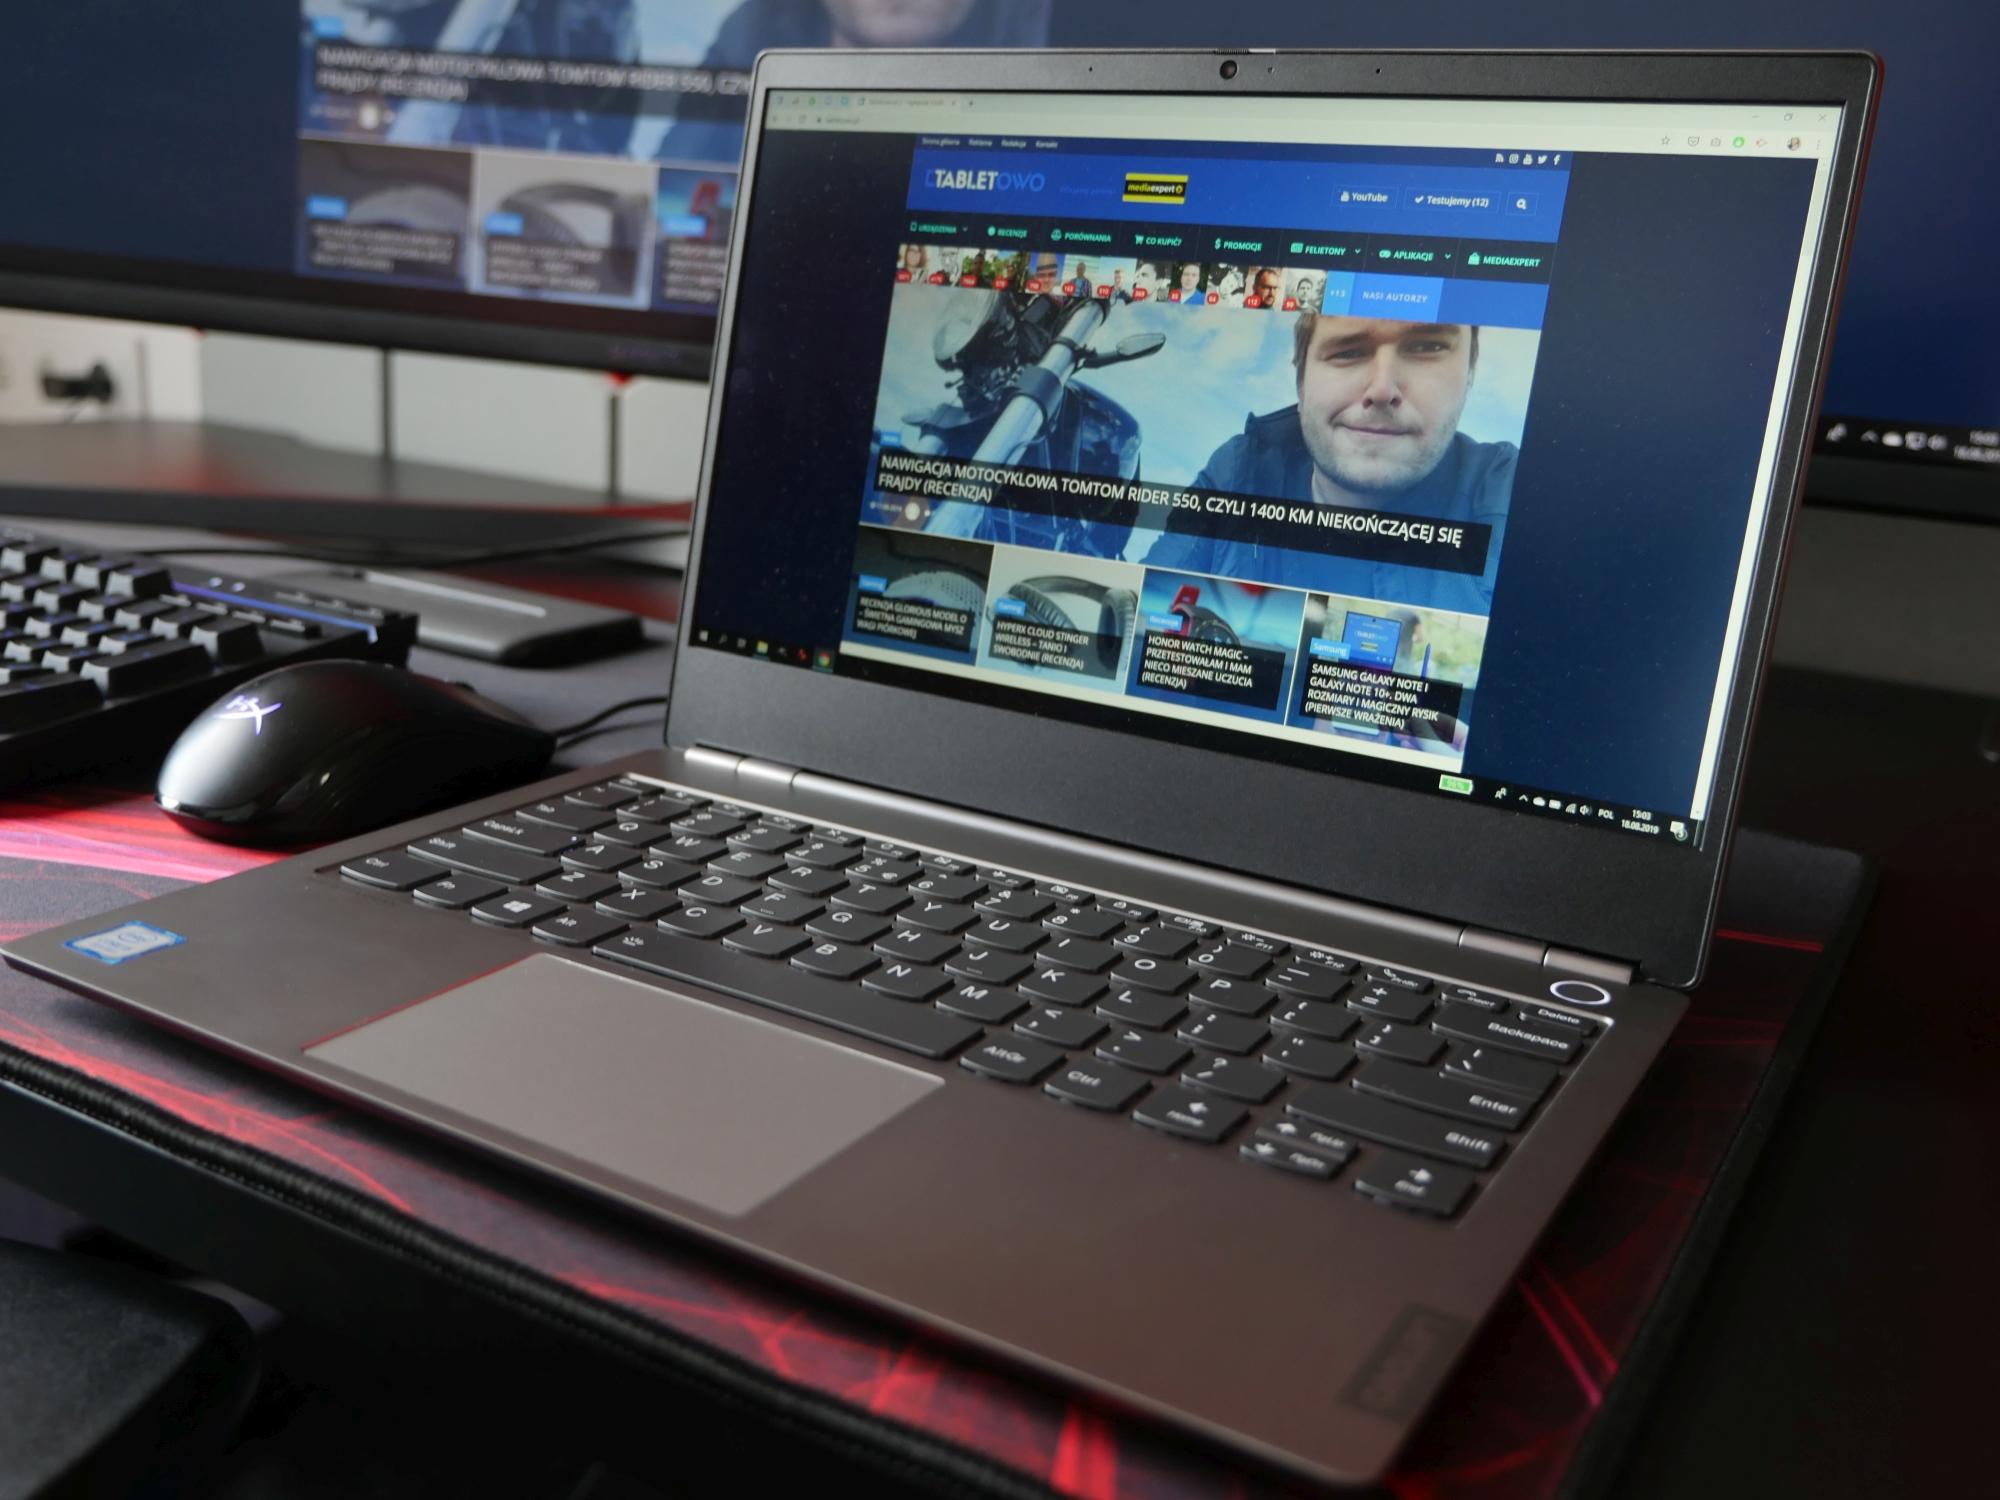 Lenovo ThinkBook 13s jako narzędzie pracy i rozrywki - mówię: sprawdzam!